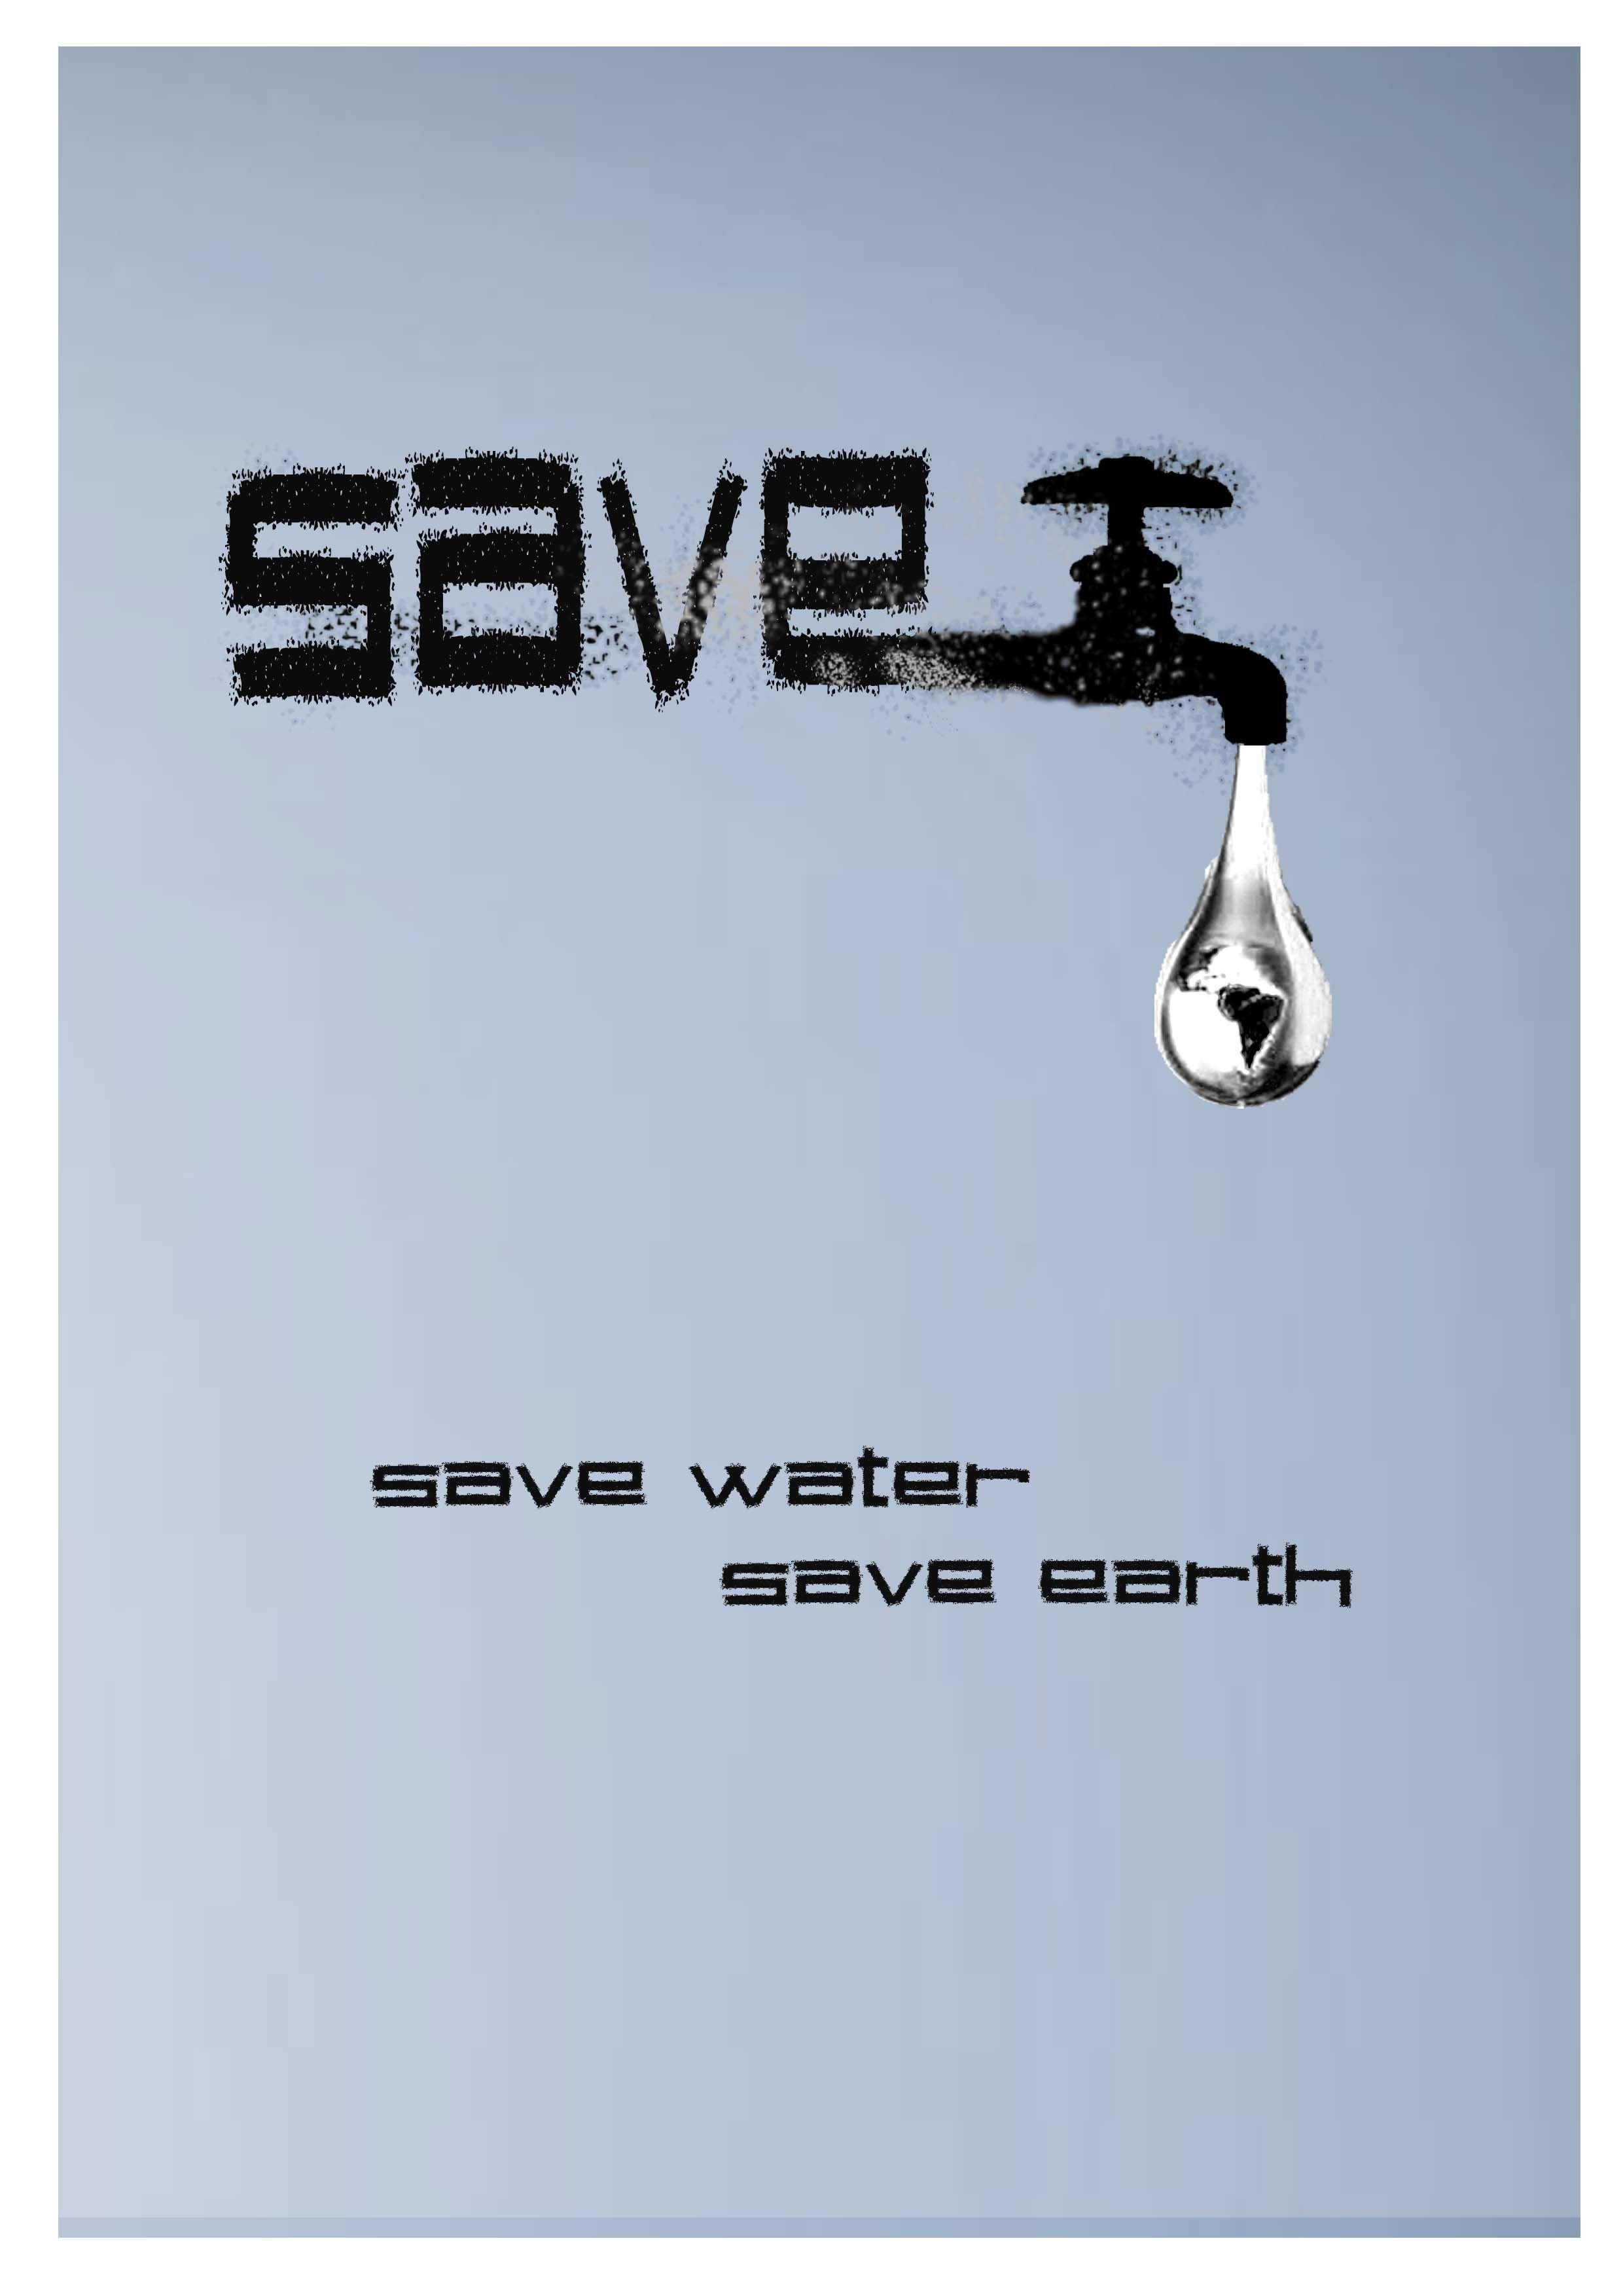 节约用水-招贴-设计案例